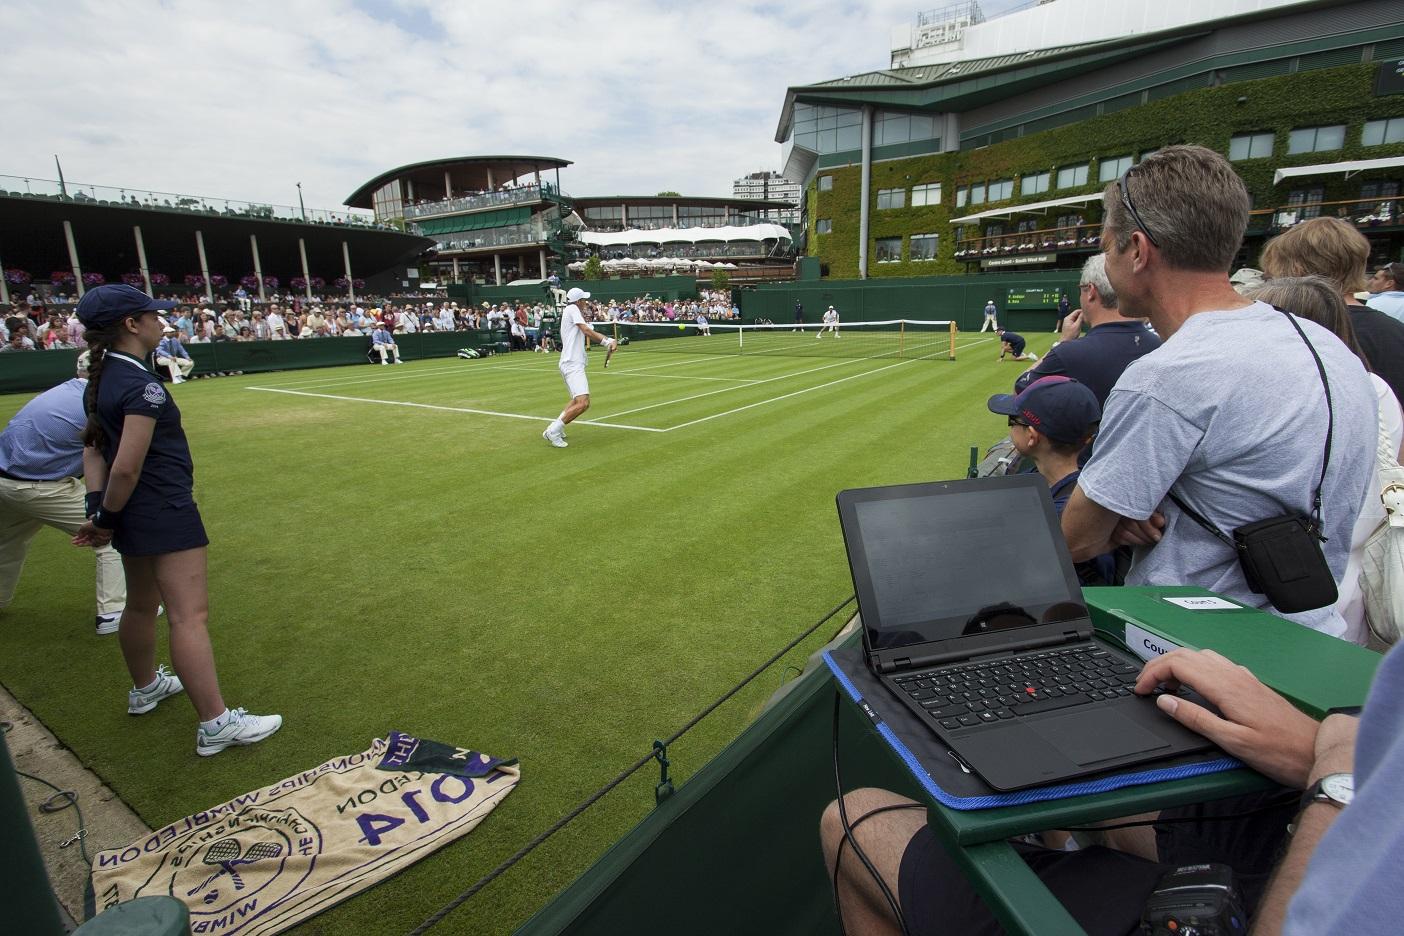 A laptop (not an IBM one) at Wimbledon